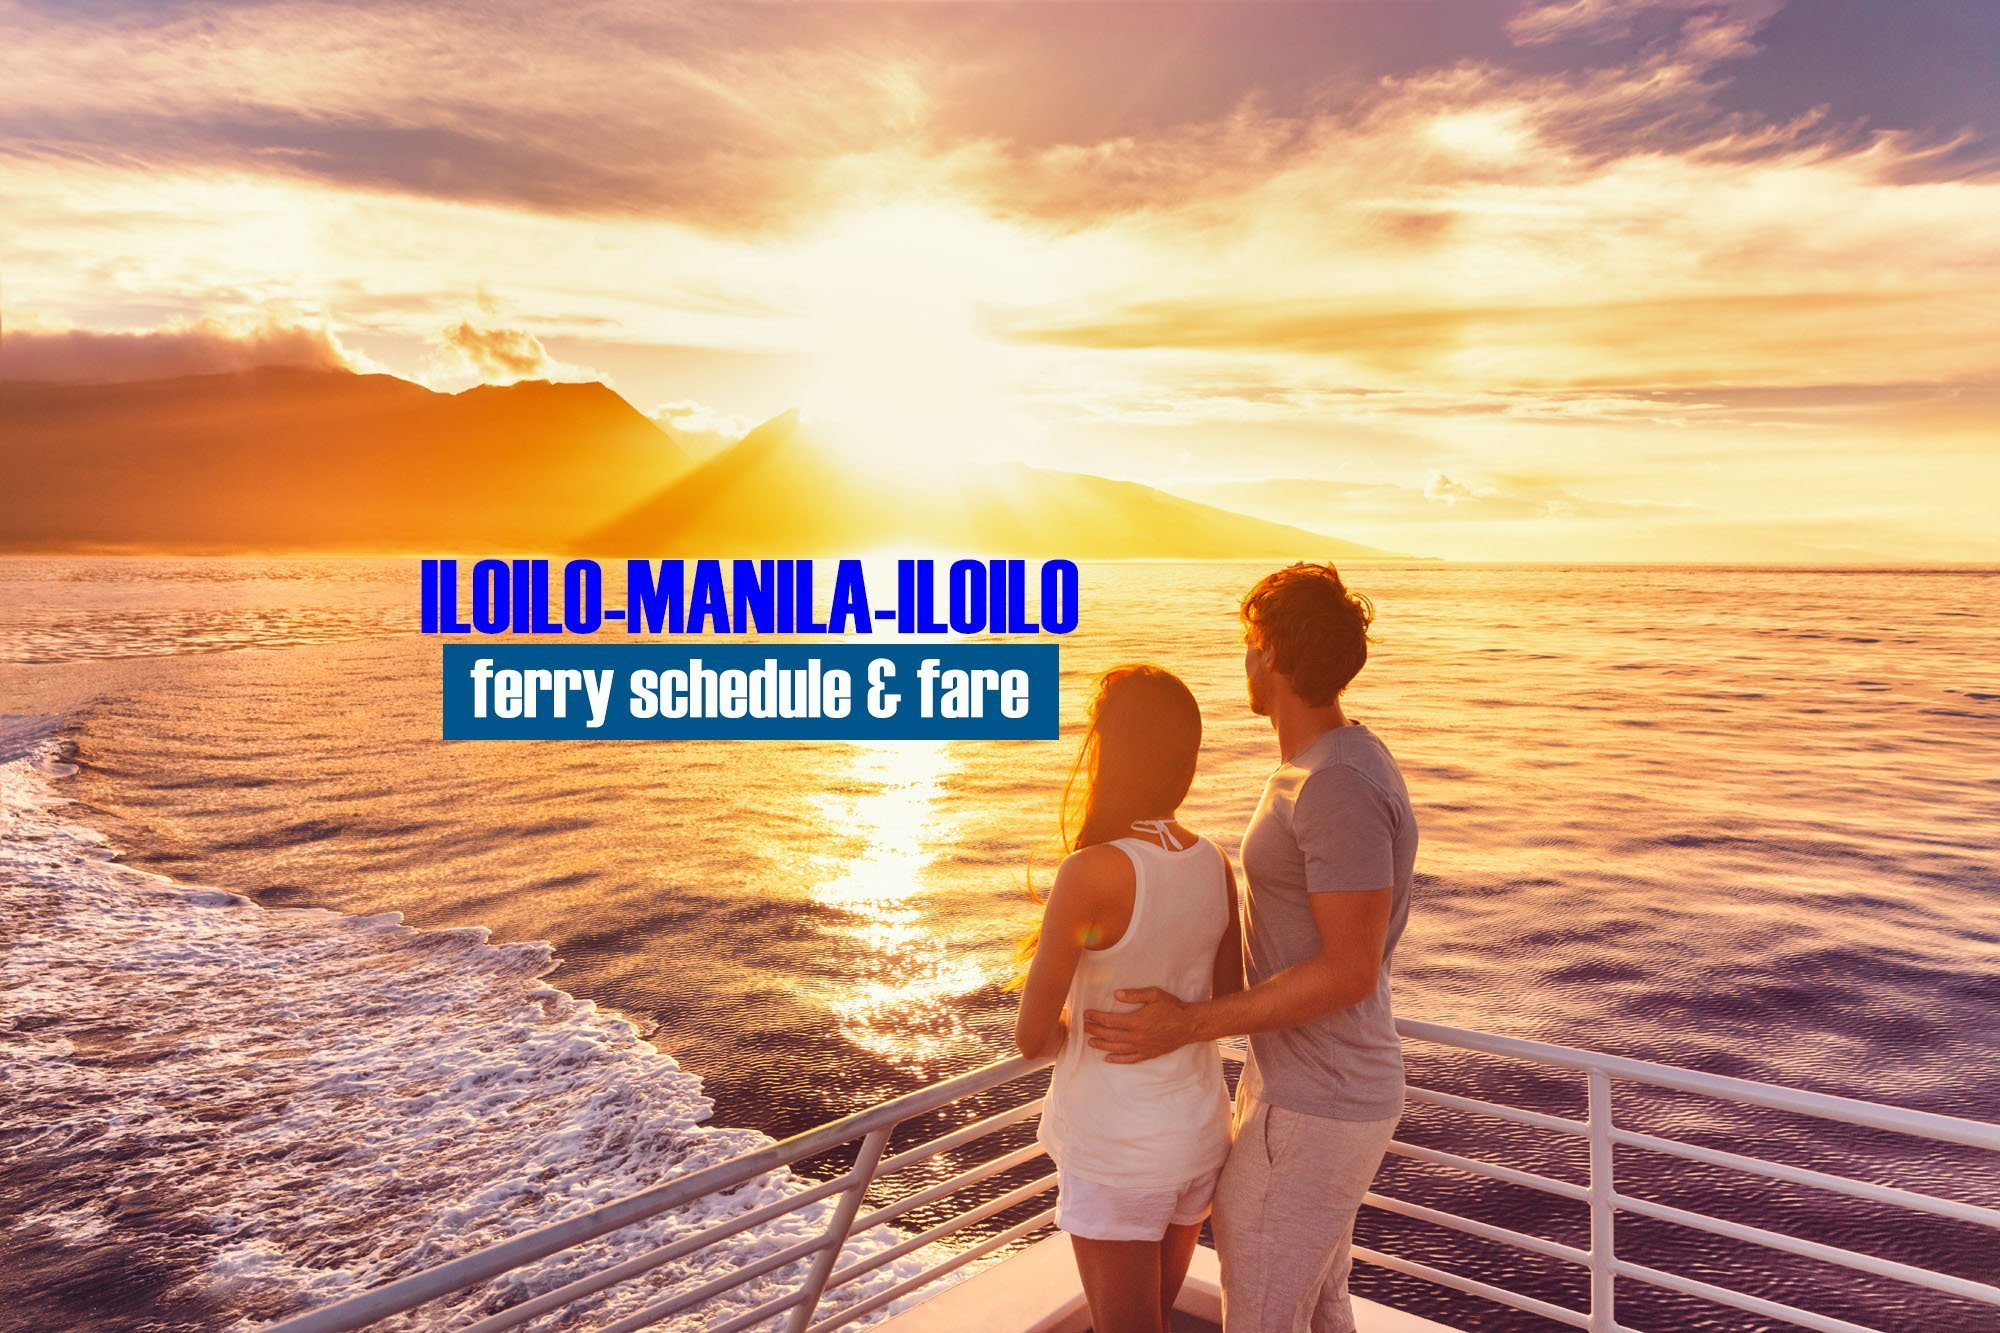 Iloilo to Manila: 2020 Ferry Schedule and Fare